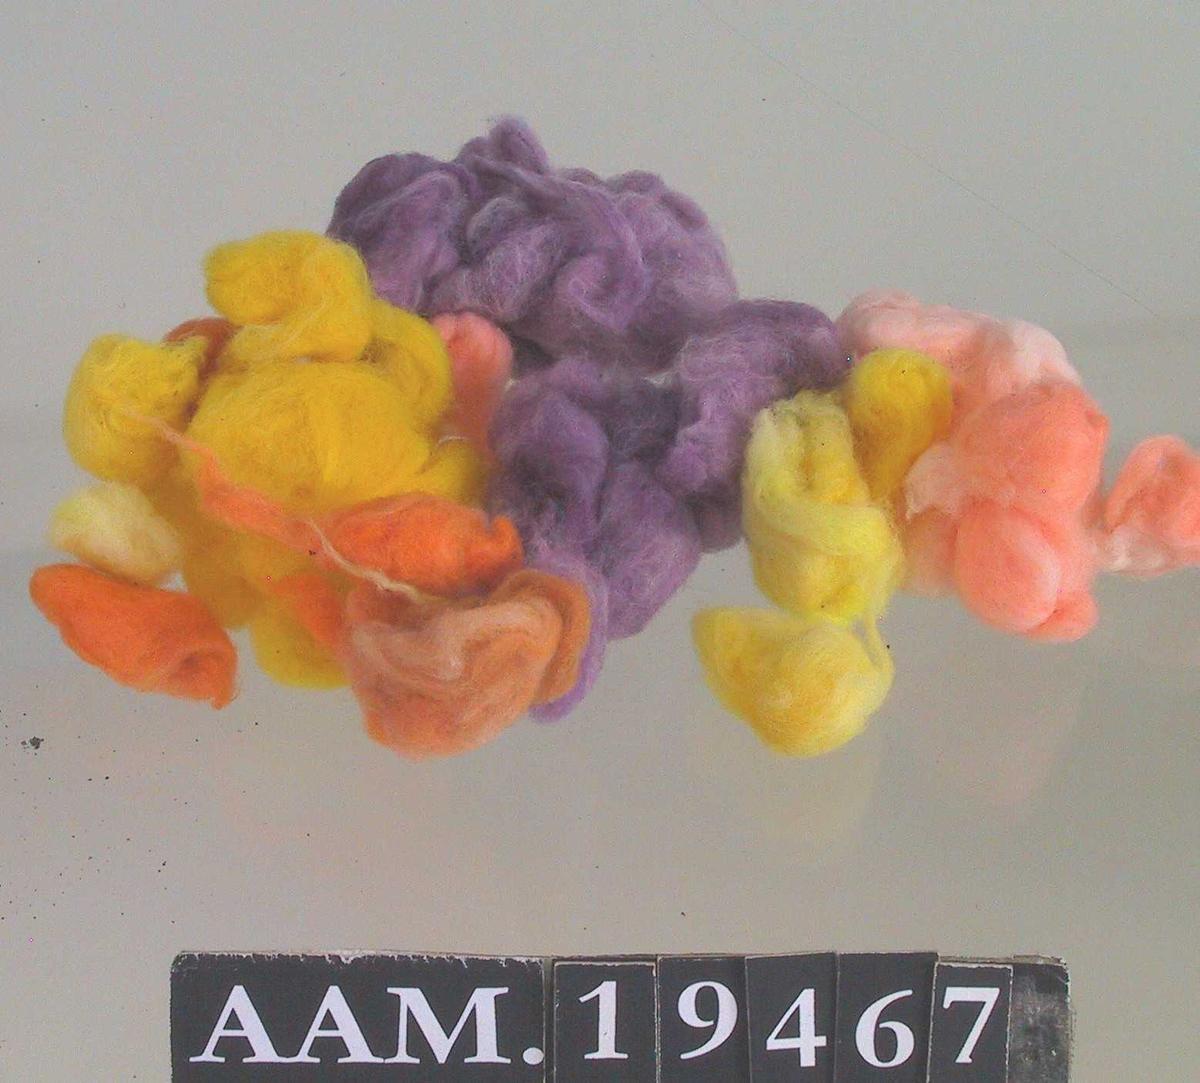 Bomull, farget med fargetre på St. Croix, etter oppskrift formidlet via Fredensborgundersøkelsene. På St. Croix visste man ikke om til hva campuchetre ble brukt, før Svalesen formidlet kunnskap om formålet.